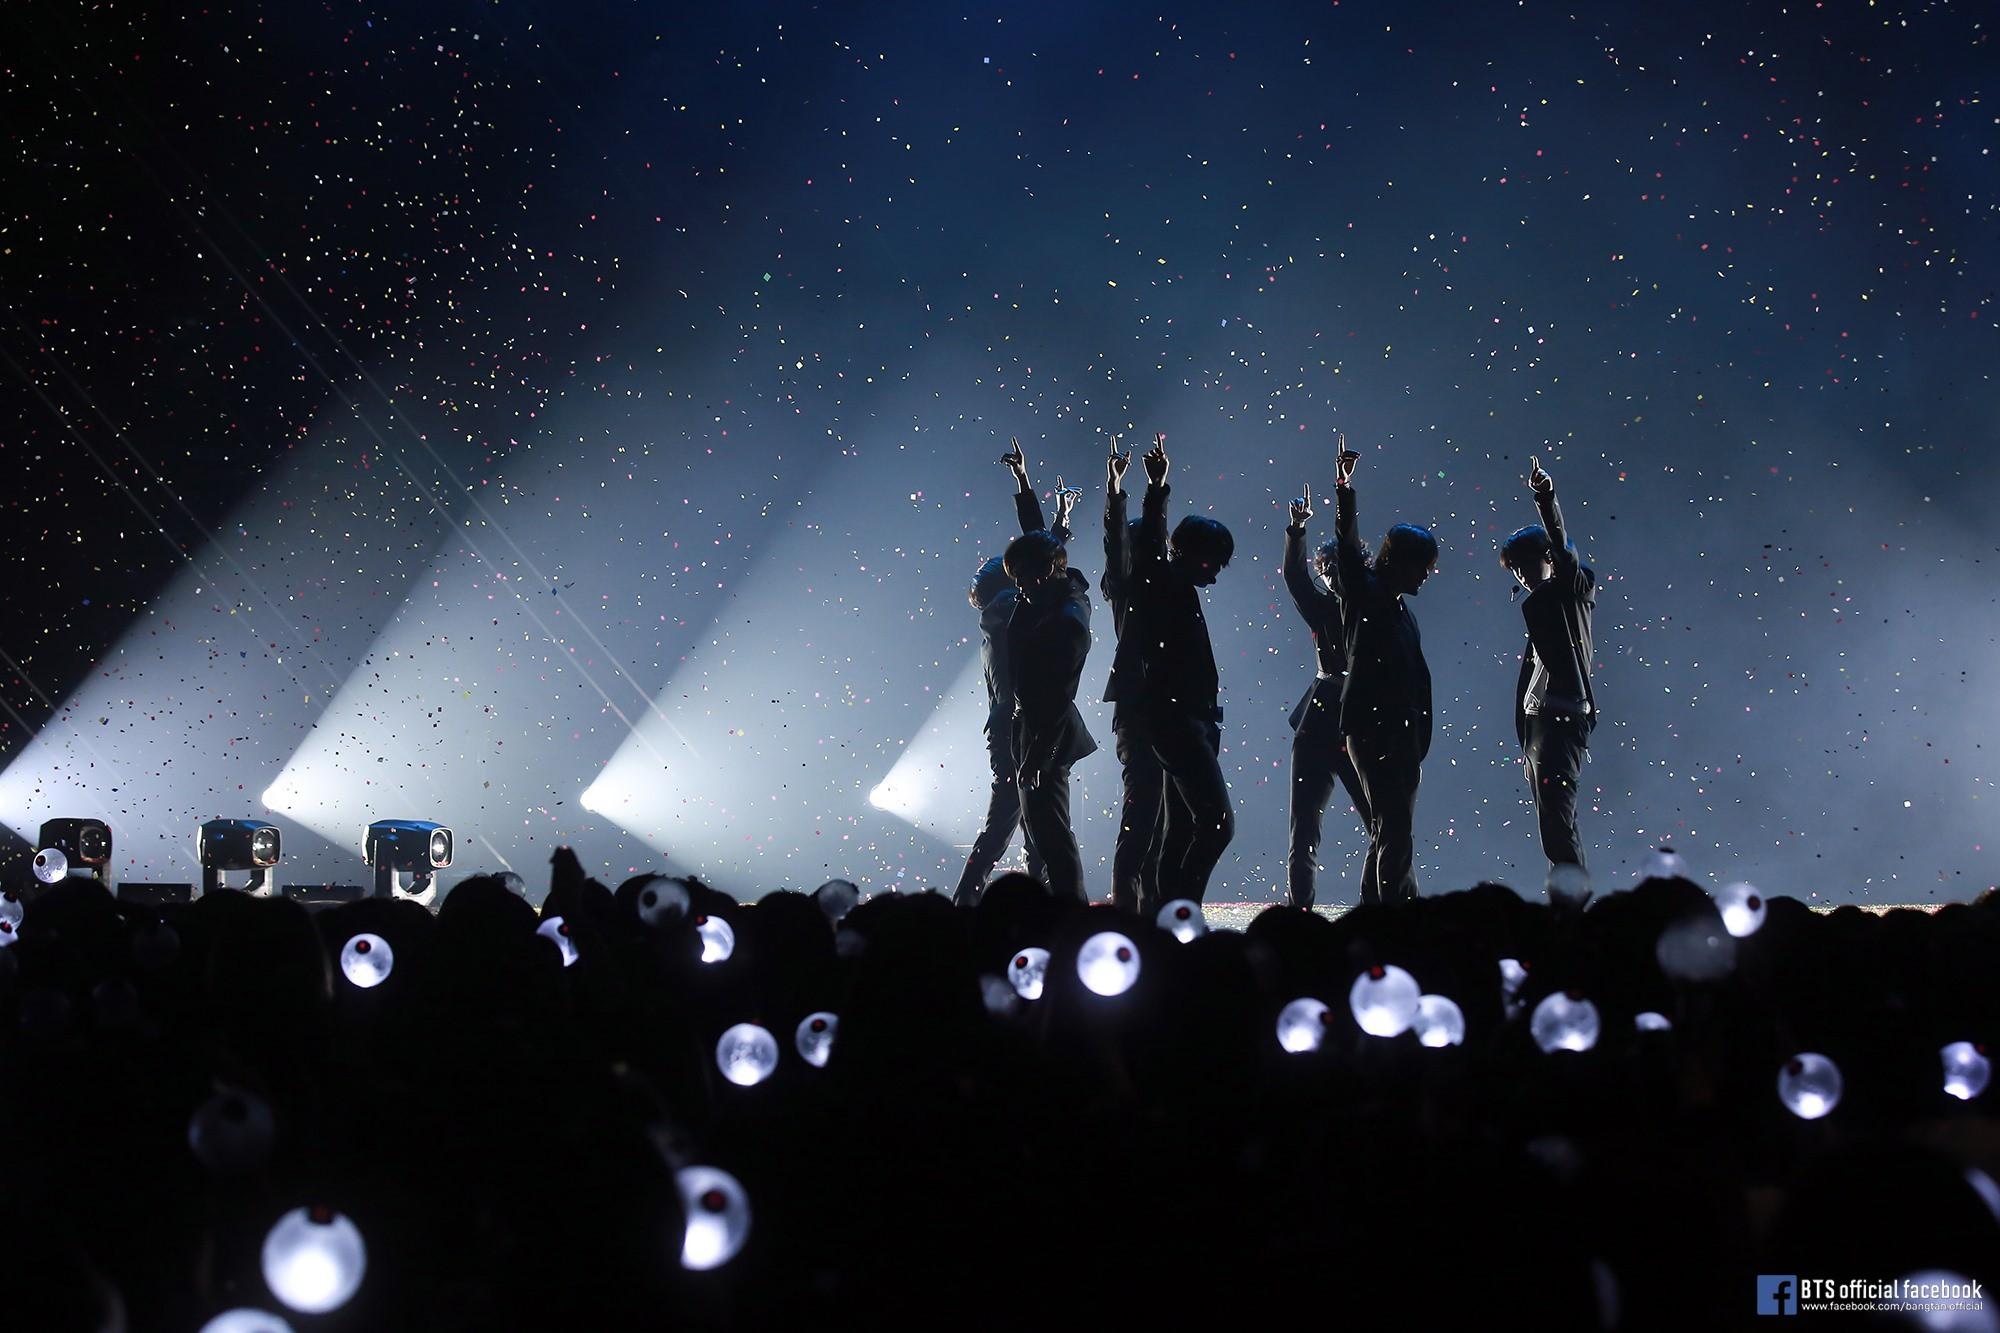 Từ concert Wembley lịch sử cho đến hội đồng bỏ phiếu của giải Grammy: sẽ không có một BTS kết thúc ở hai từ hiện tượng - Ảnh 7.